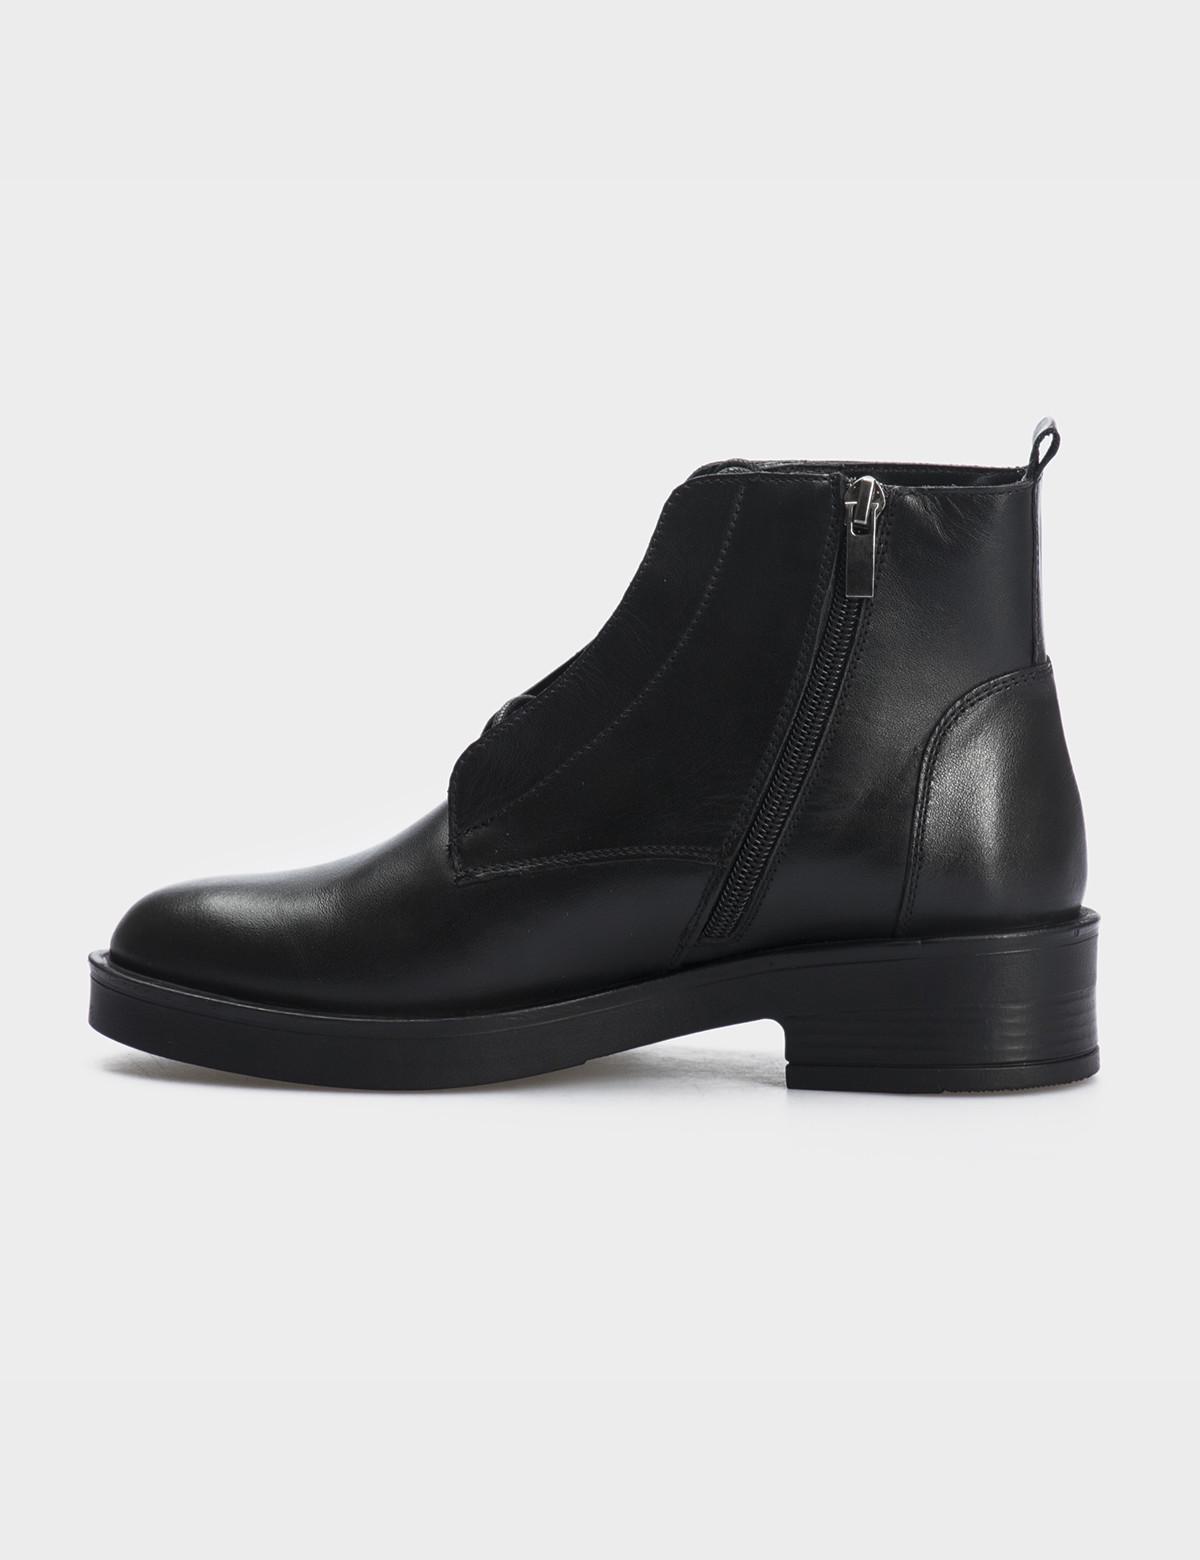 Ботинки черные натуральная кожа. Шерсть 2